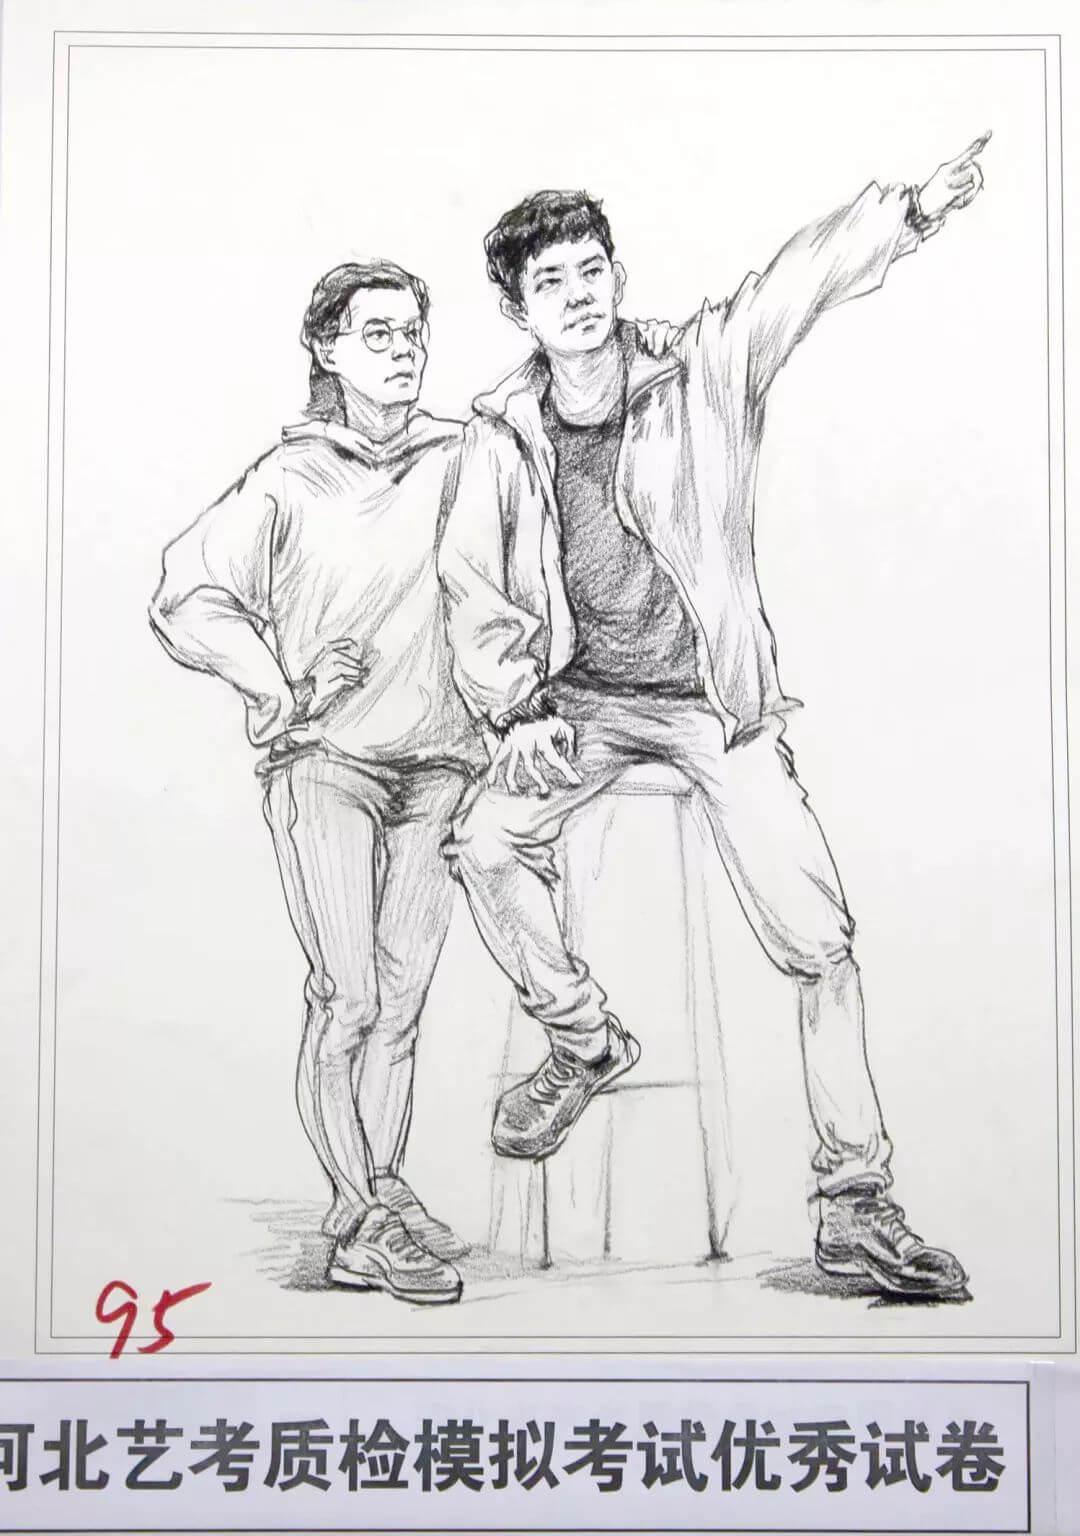 河北艺考二模高分卷精选集——速写高分卷,广州画室     02